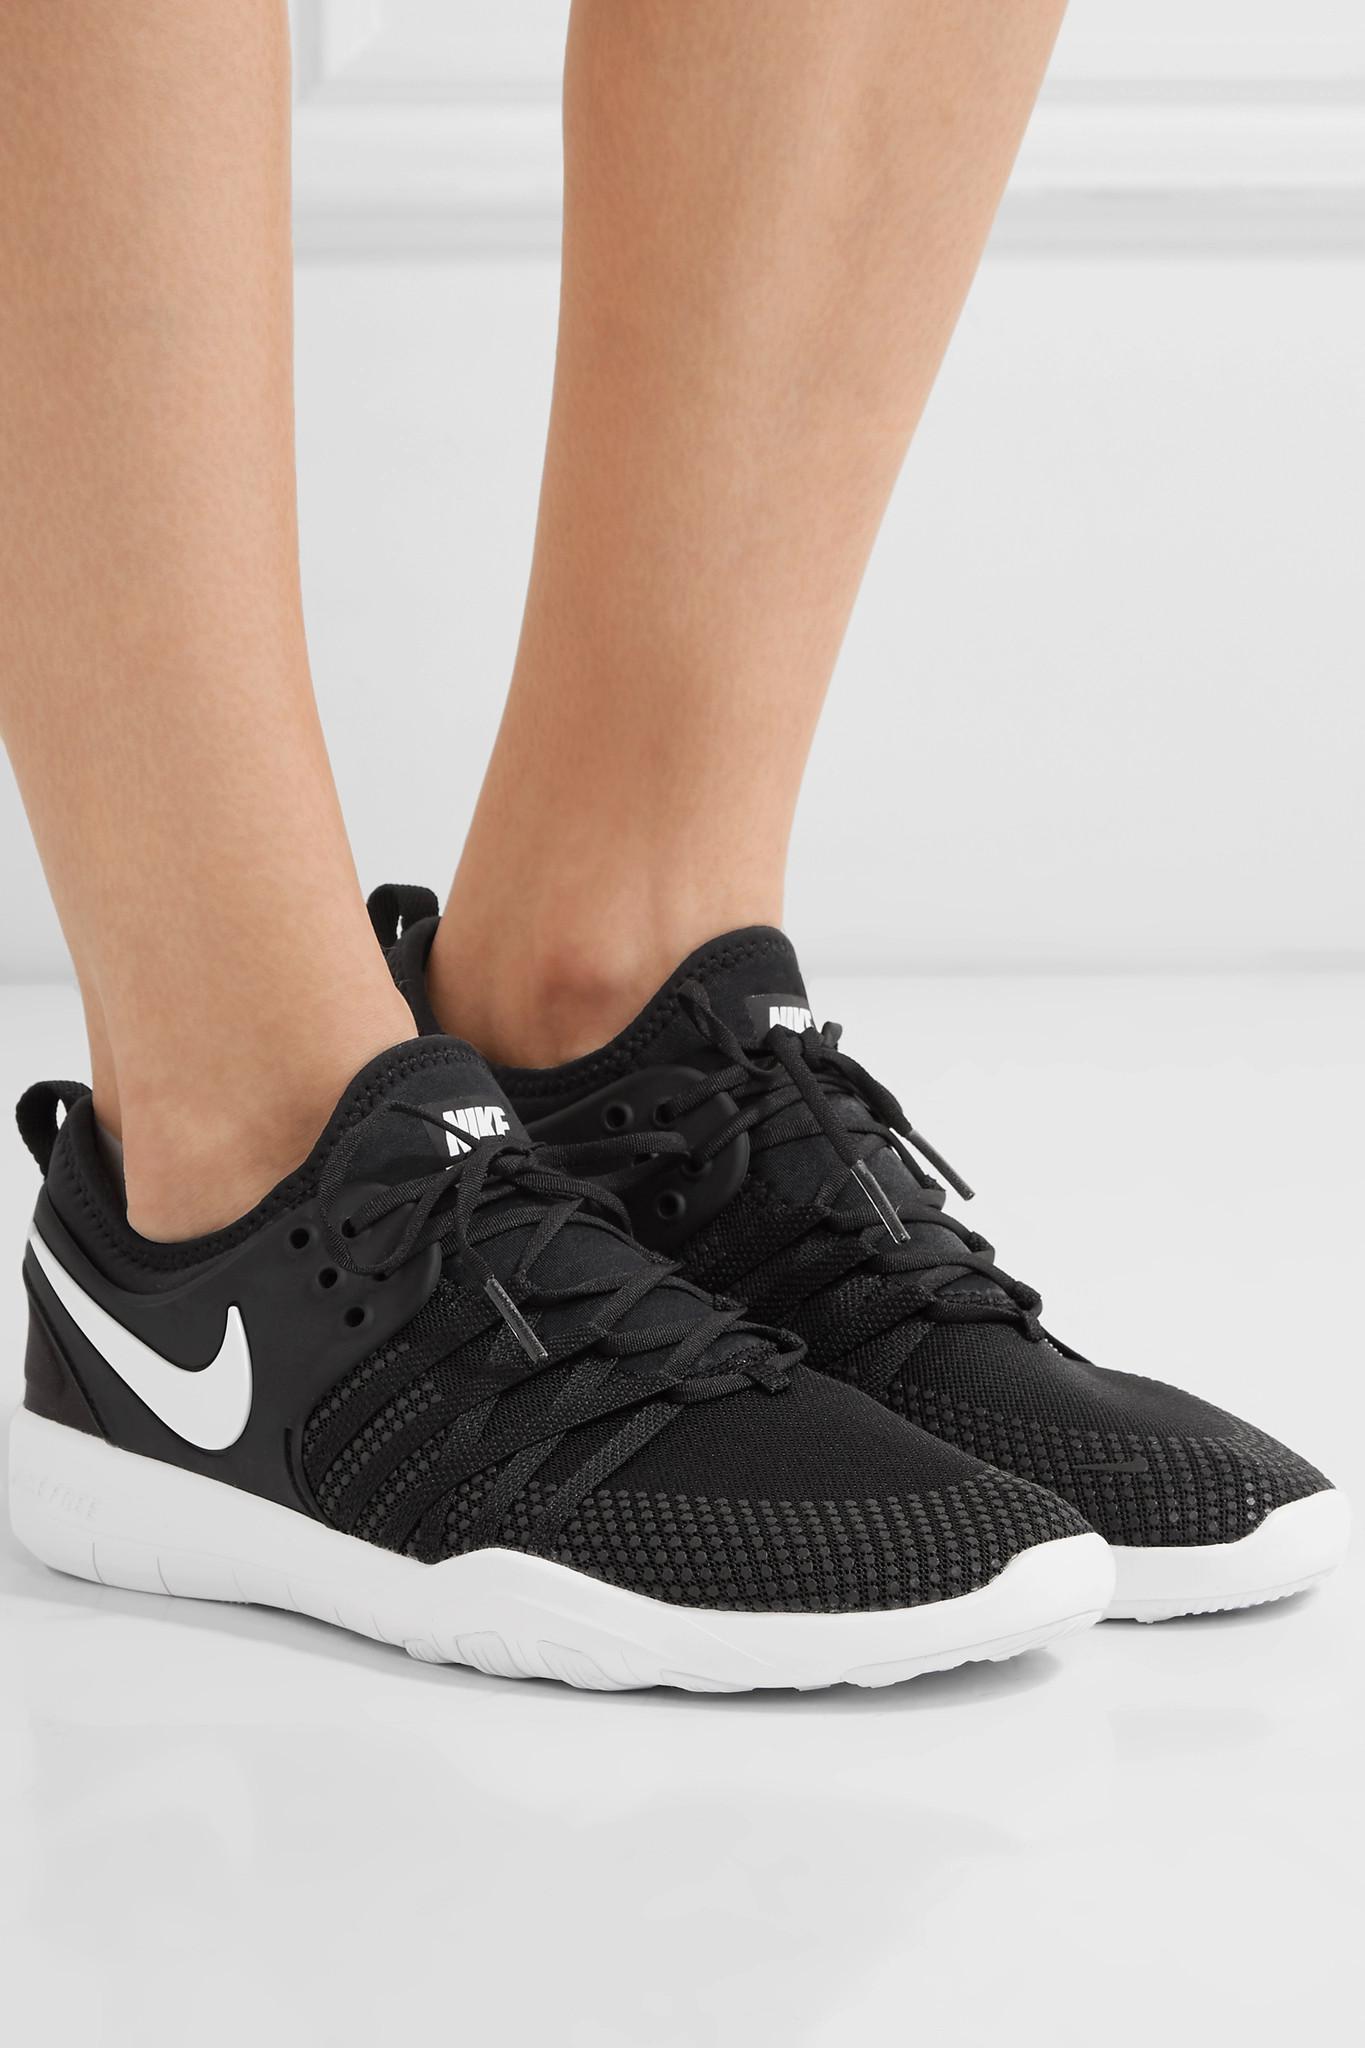 0922c55788fda Lyst - Nike Free Tr 7 Mesh Sneakers in Black